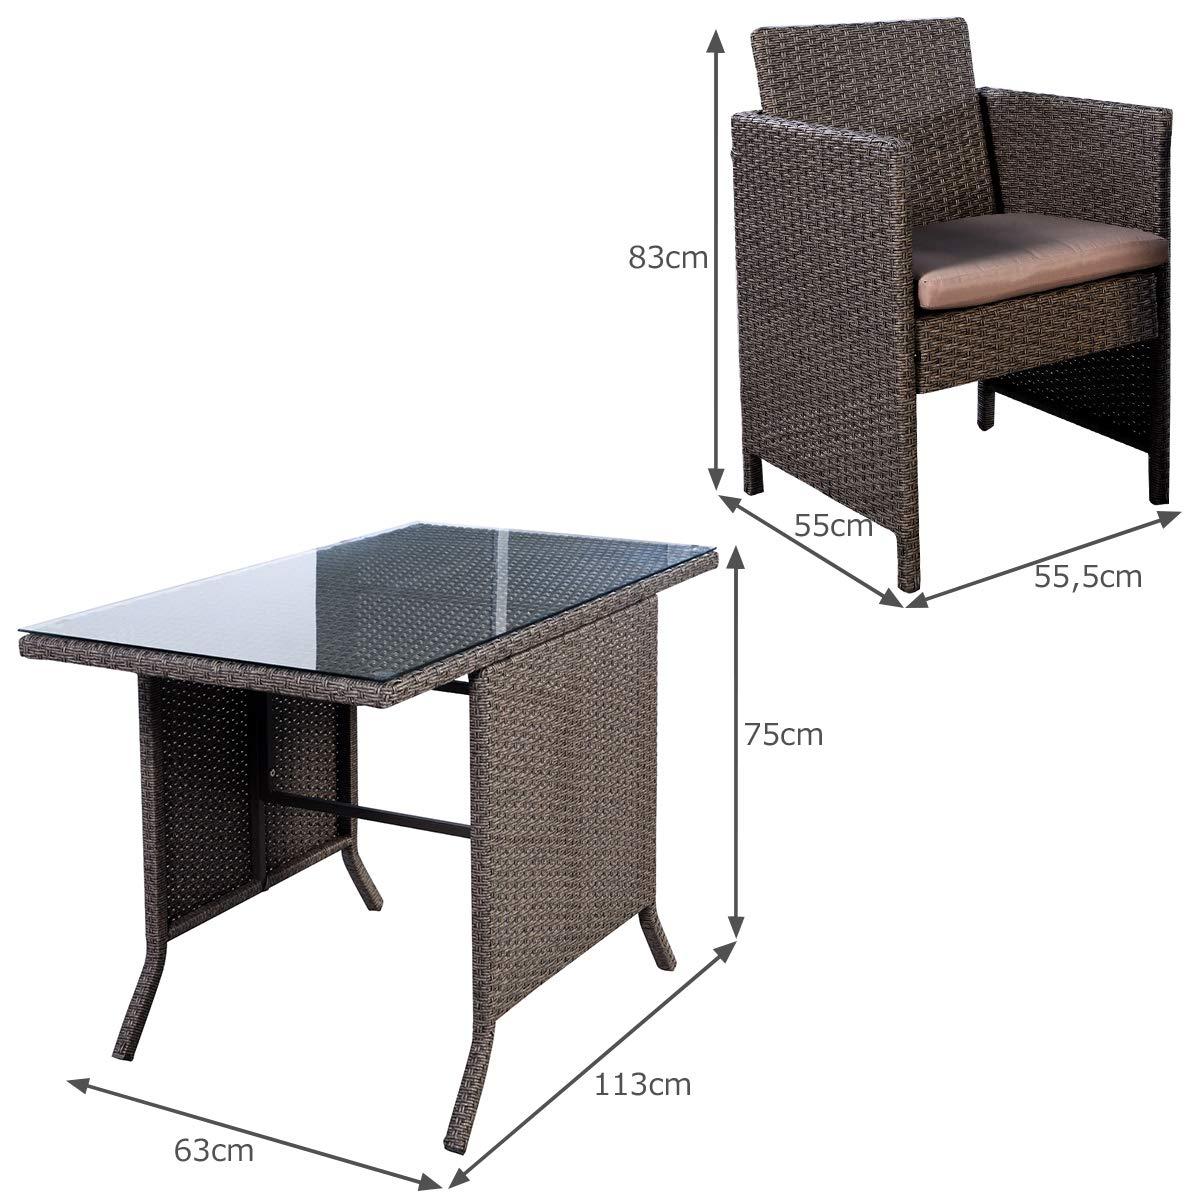 Tavolo e 2 Poltrone da Salotto con Cuscini COSTWAY 3 Pezzi Set di Mobili da Giardino in Rattan